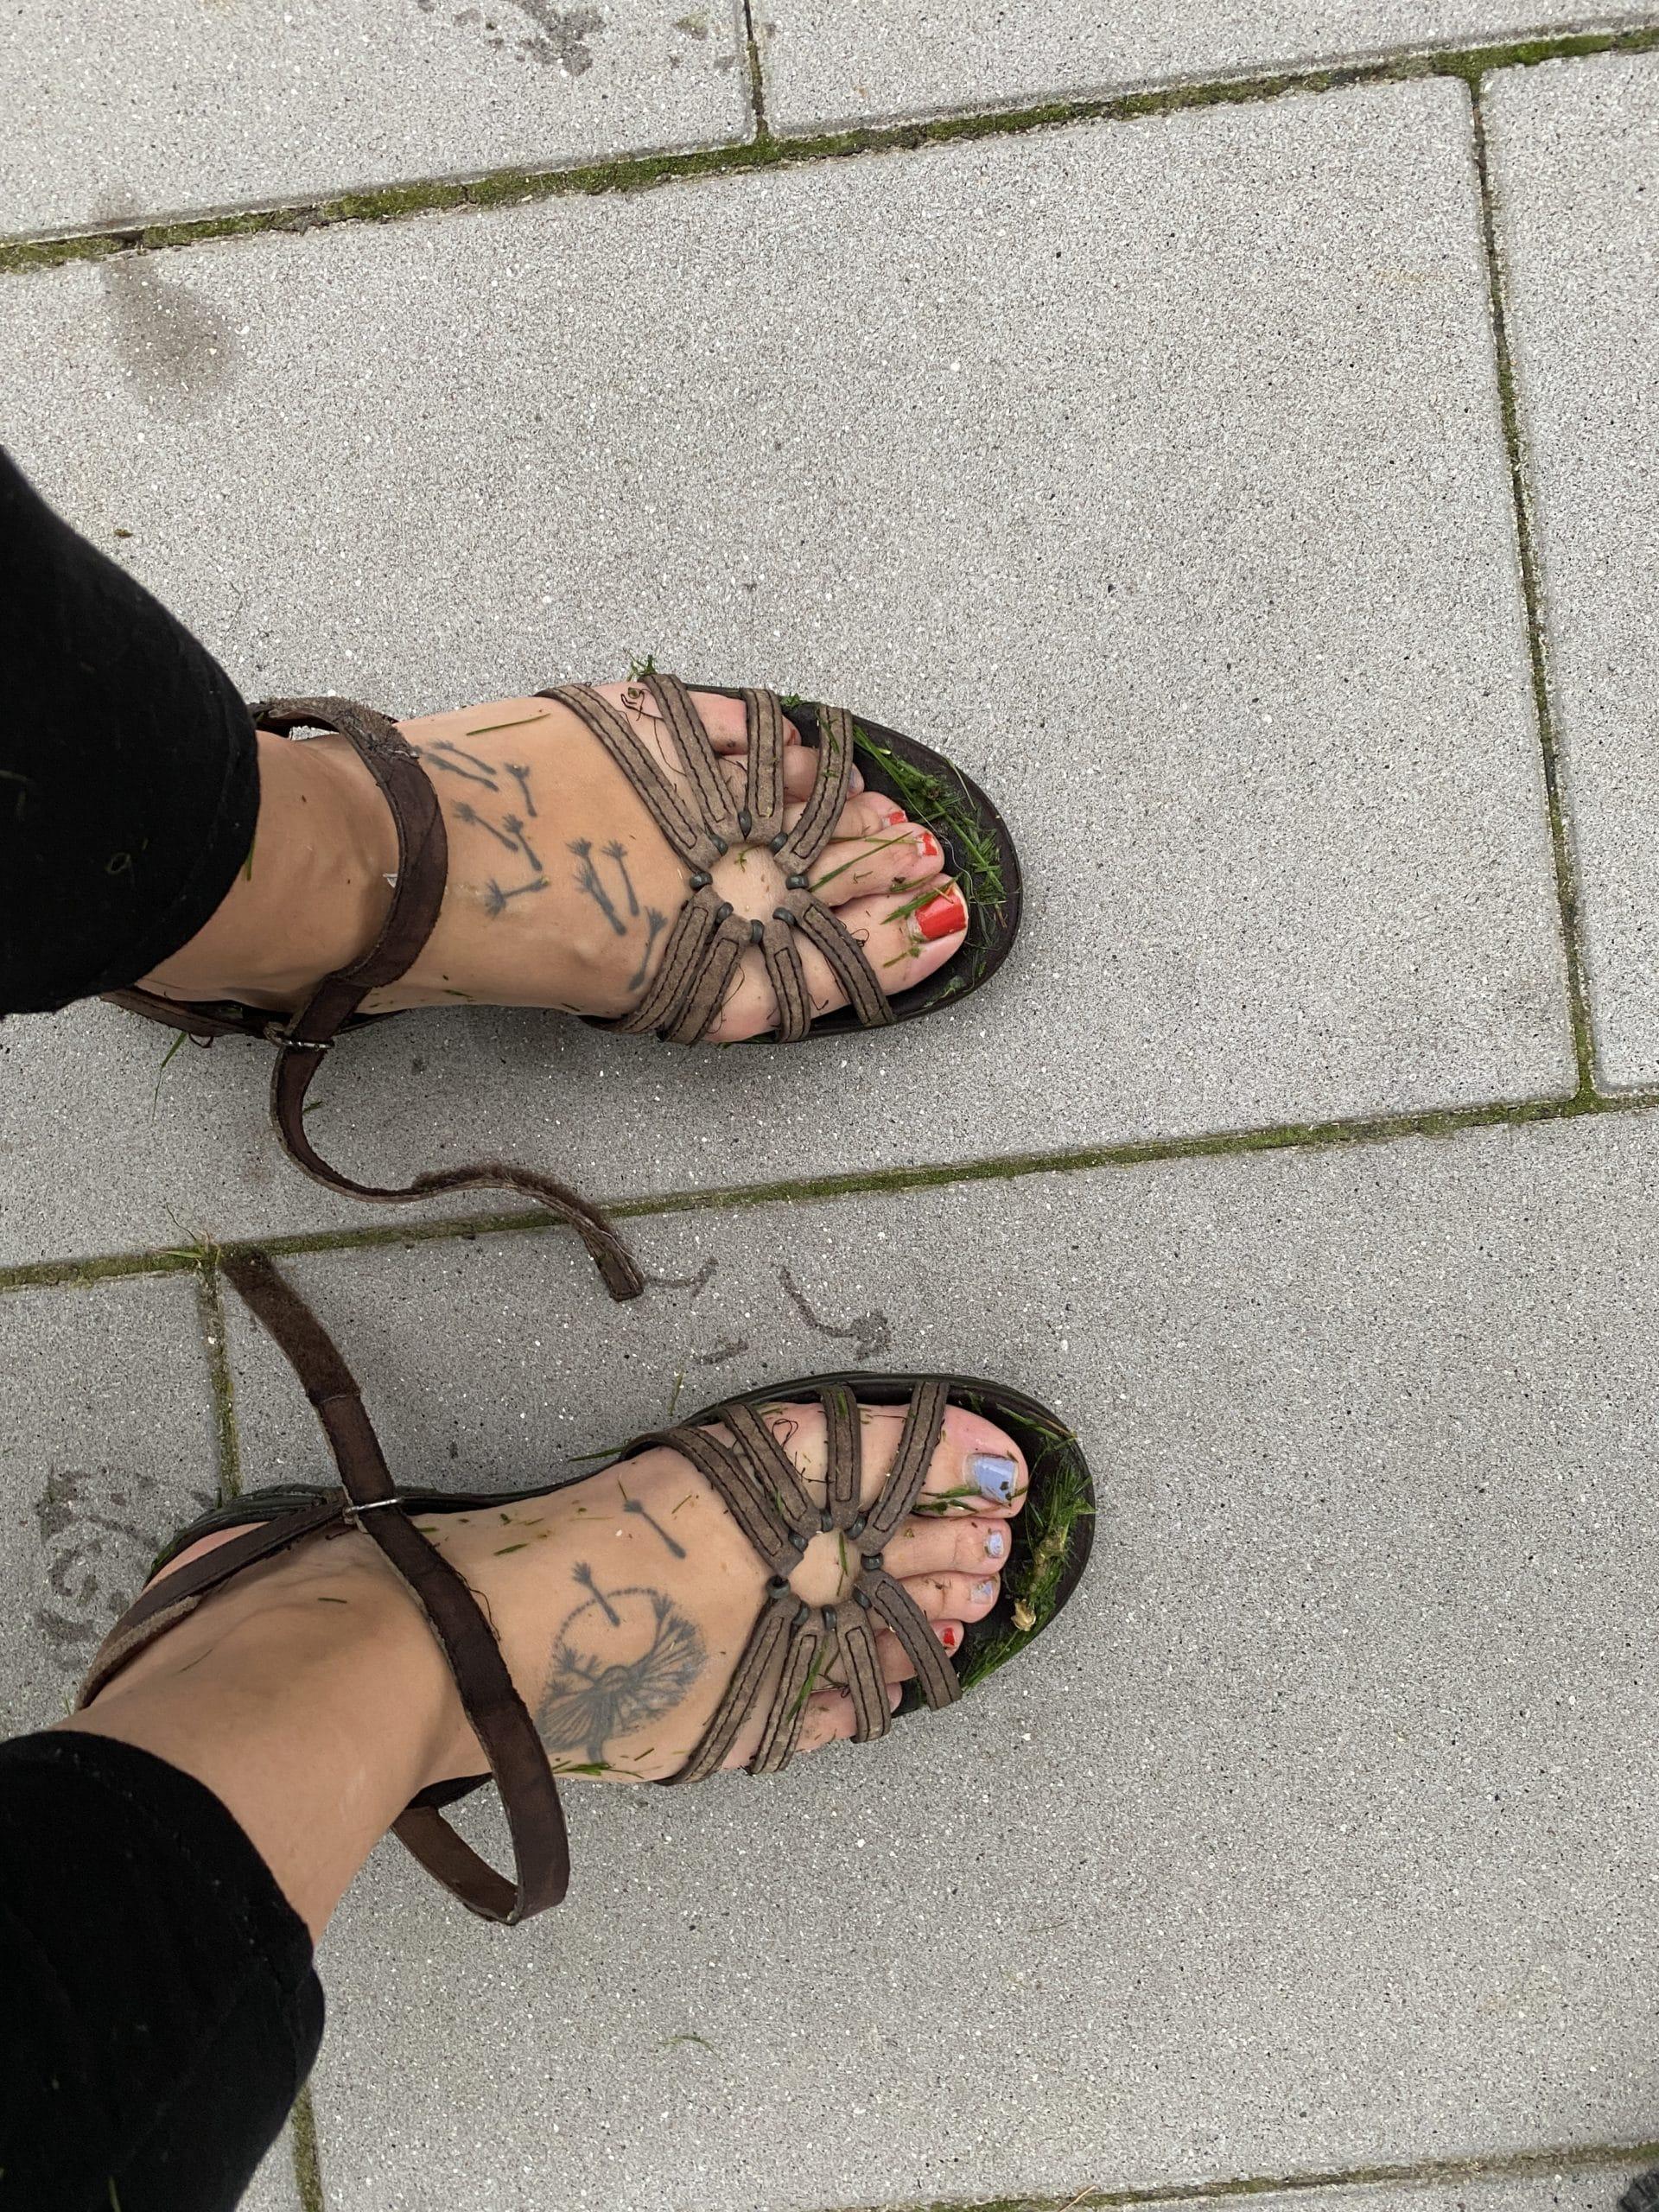 Die Gartenarbeit im Sommer, sprengen usw. macht die Füße nass, aber mich auch glücklich.